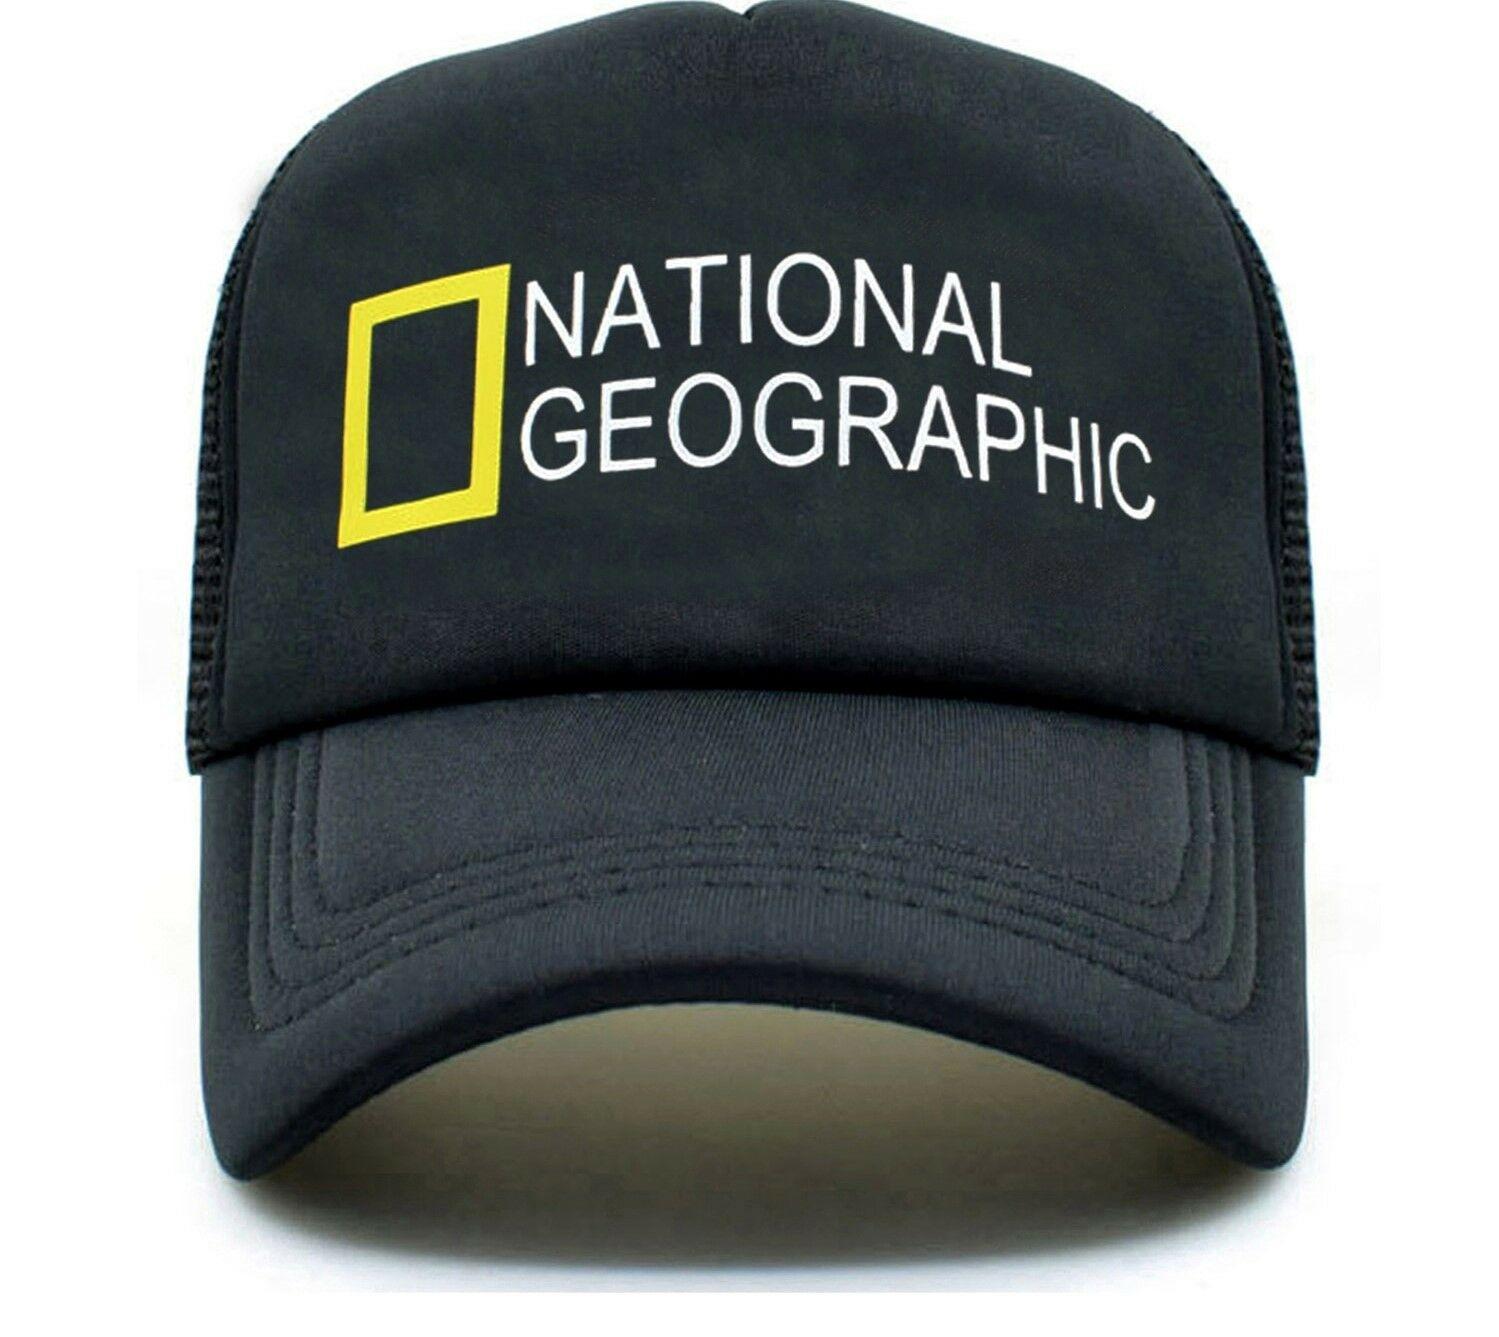 Кепка с принтом ID Кепка-тракер мужская шапка новая летняя Черная кепка s хип-хоп Новинка